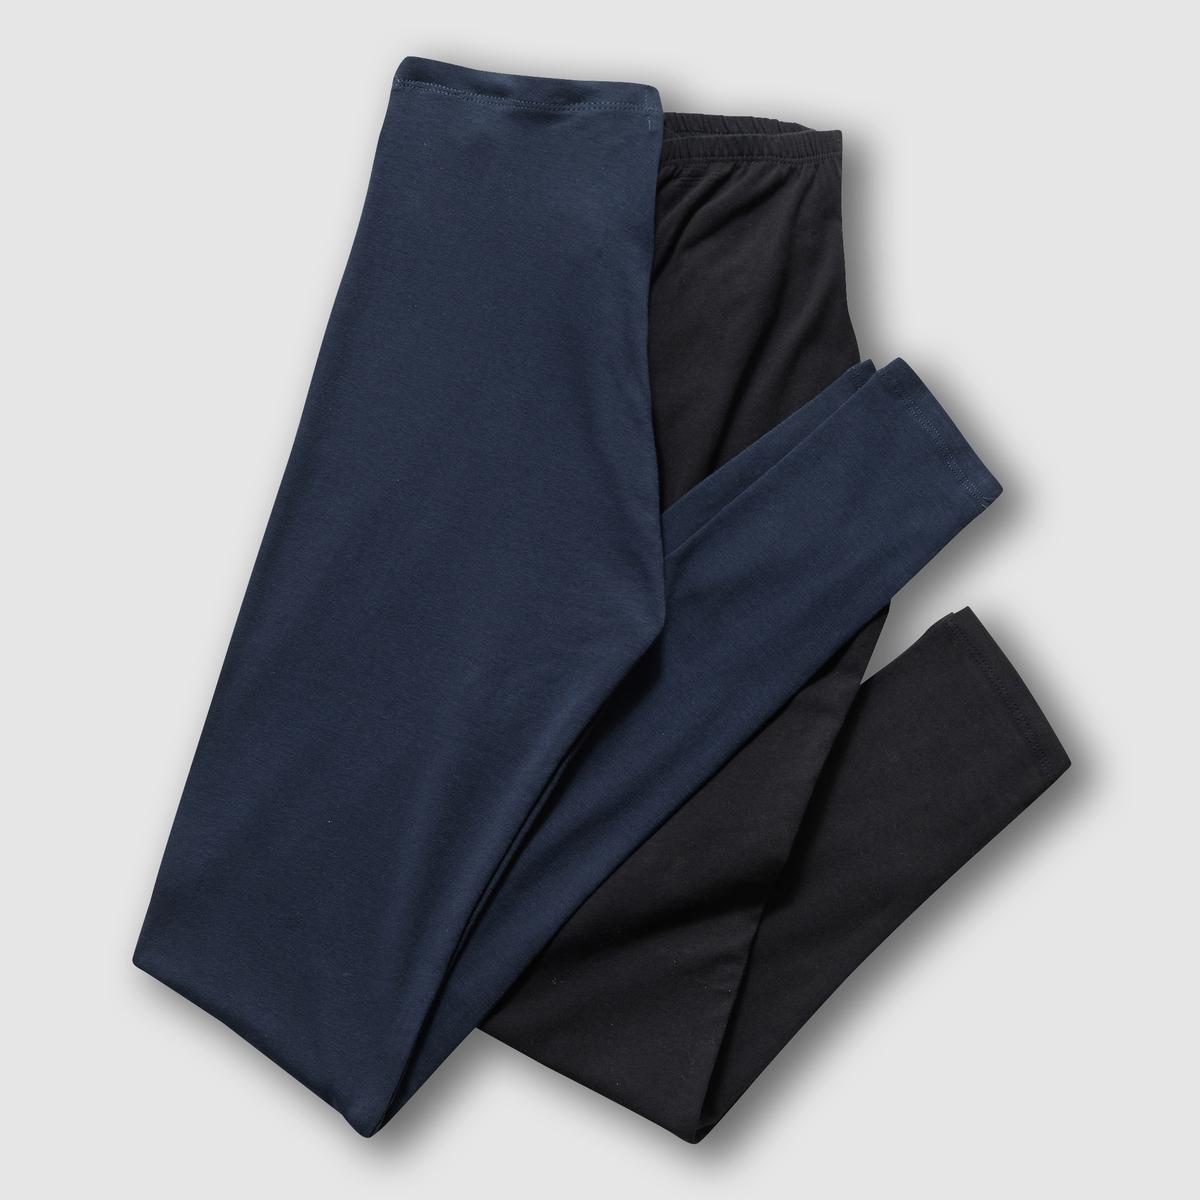 2 длинных леггинсовМатериал : 95% хлопка, 5% эластана            Рисунок : однотонная модель             Высота пояса : стандартная            Покрой брюк : леггинсы             Стирка : машинная стирка при 30 °С            Уход : сухая чистка и отбеливание запрещены            Машинная сушка : запрещена            Глажка : при низкой температуре<br><br>Цвет: серый меланж + черный,темно-синий + черный,черный + черный<br>Размер: S.XXL.XXL.XL